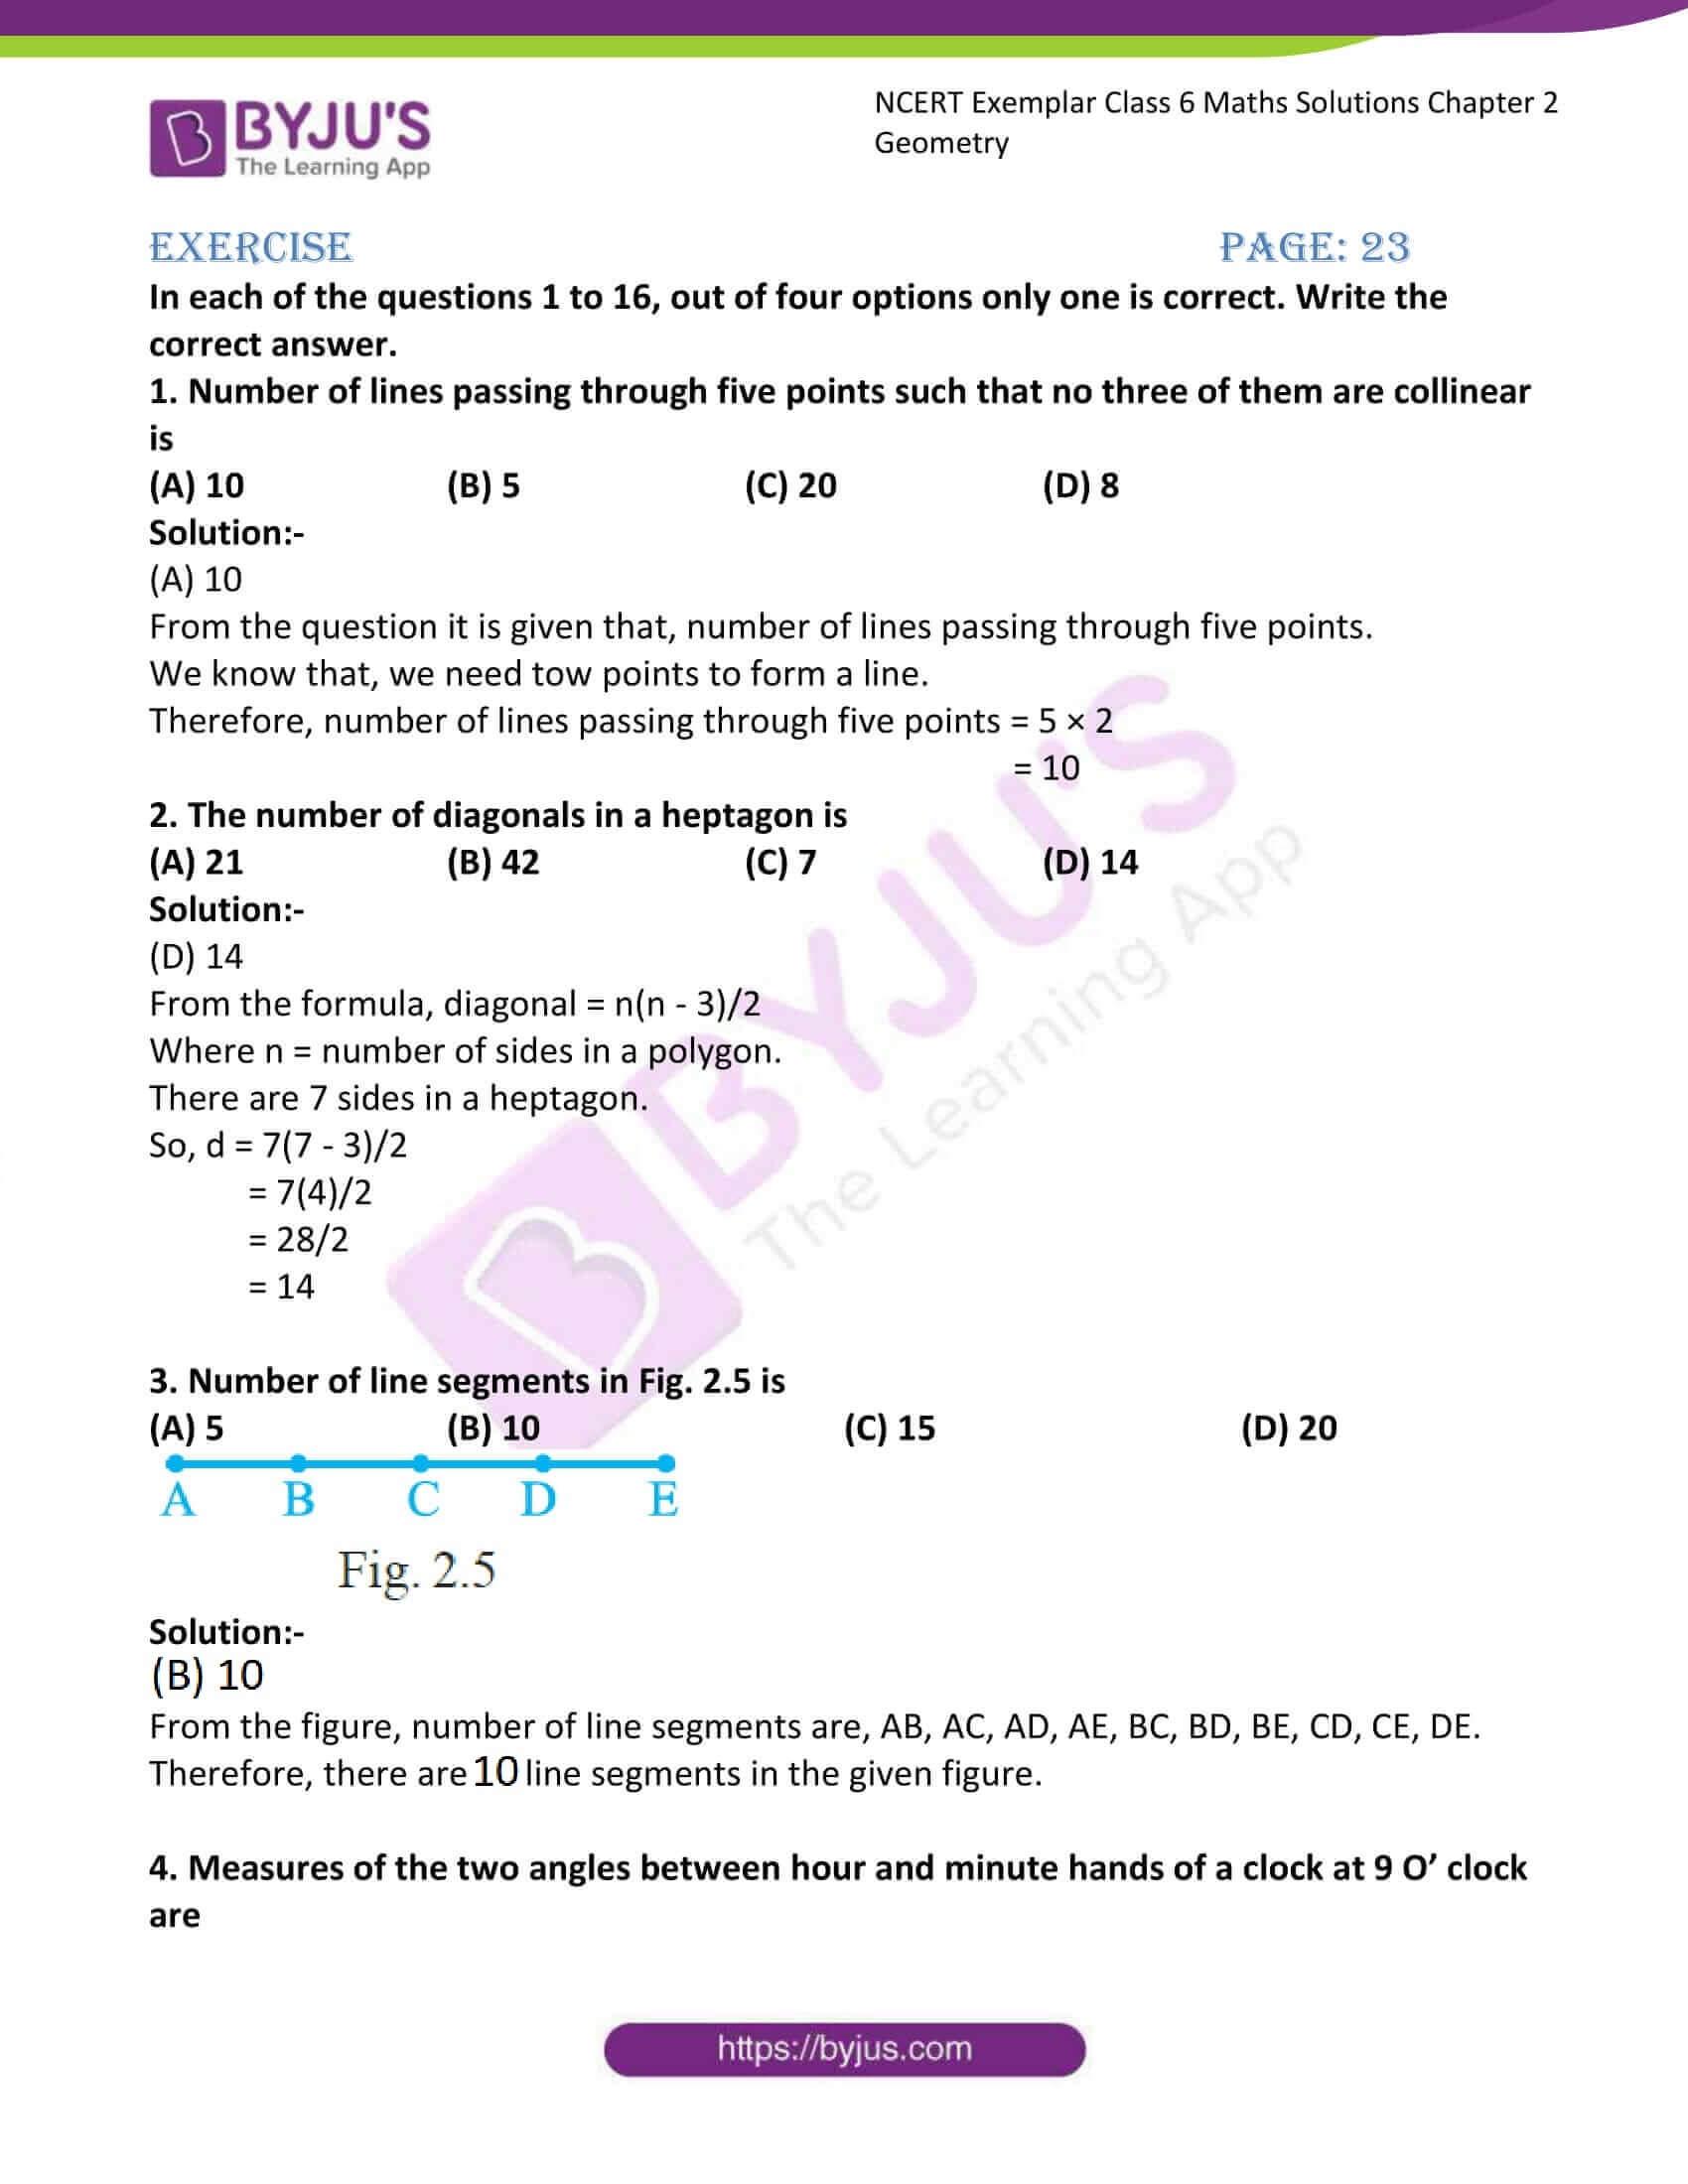 ncert exemplar class 6 maths sol ch 2 01